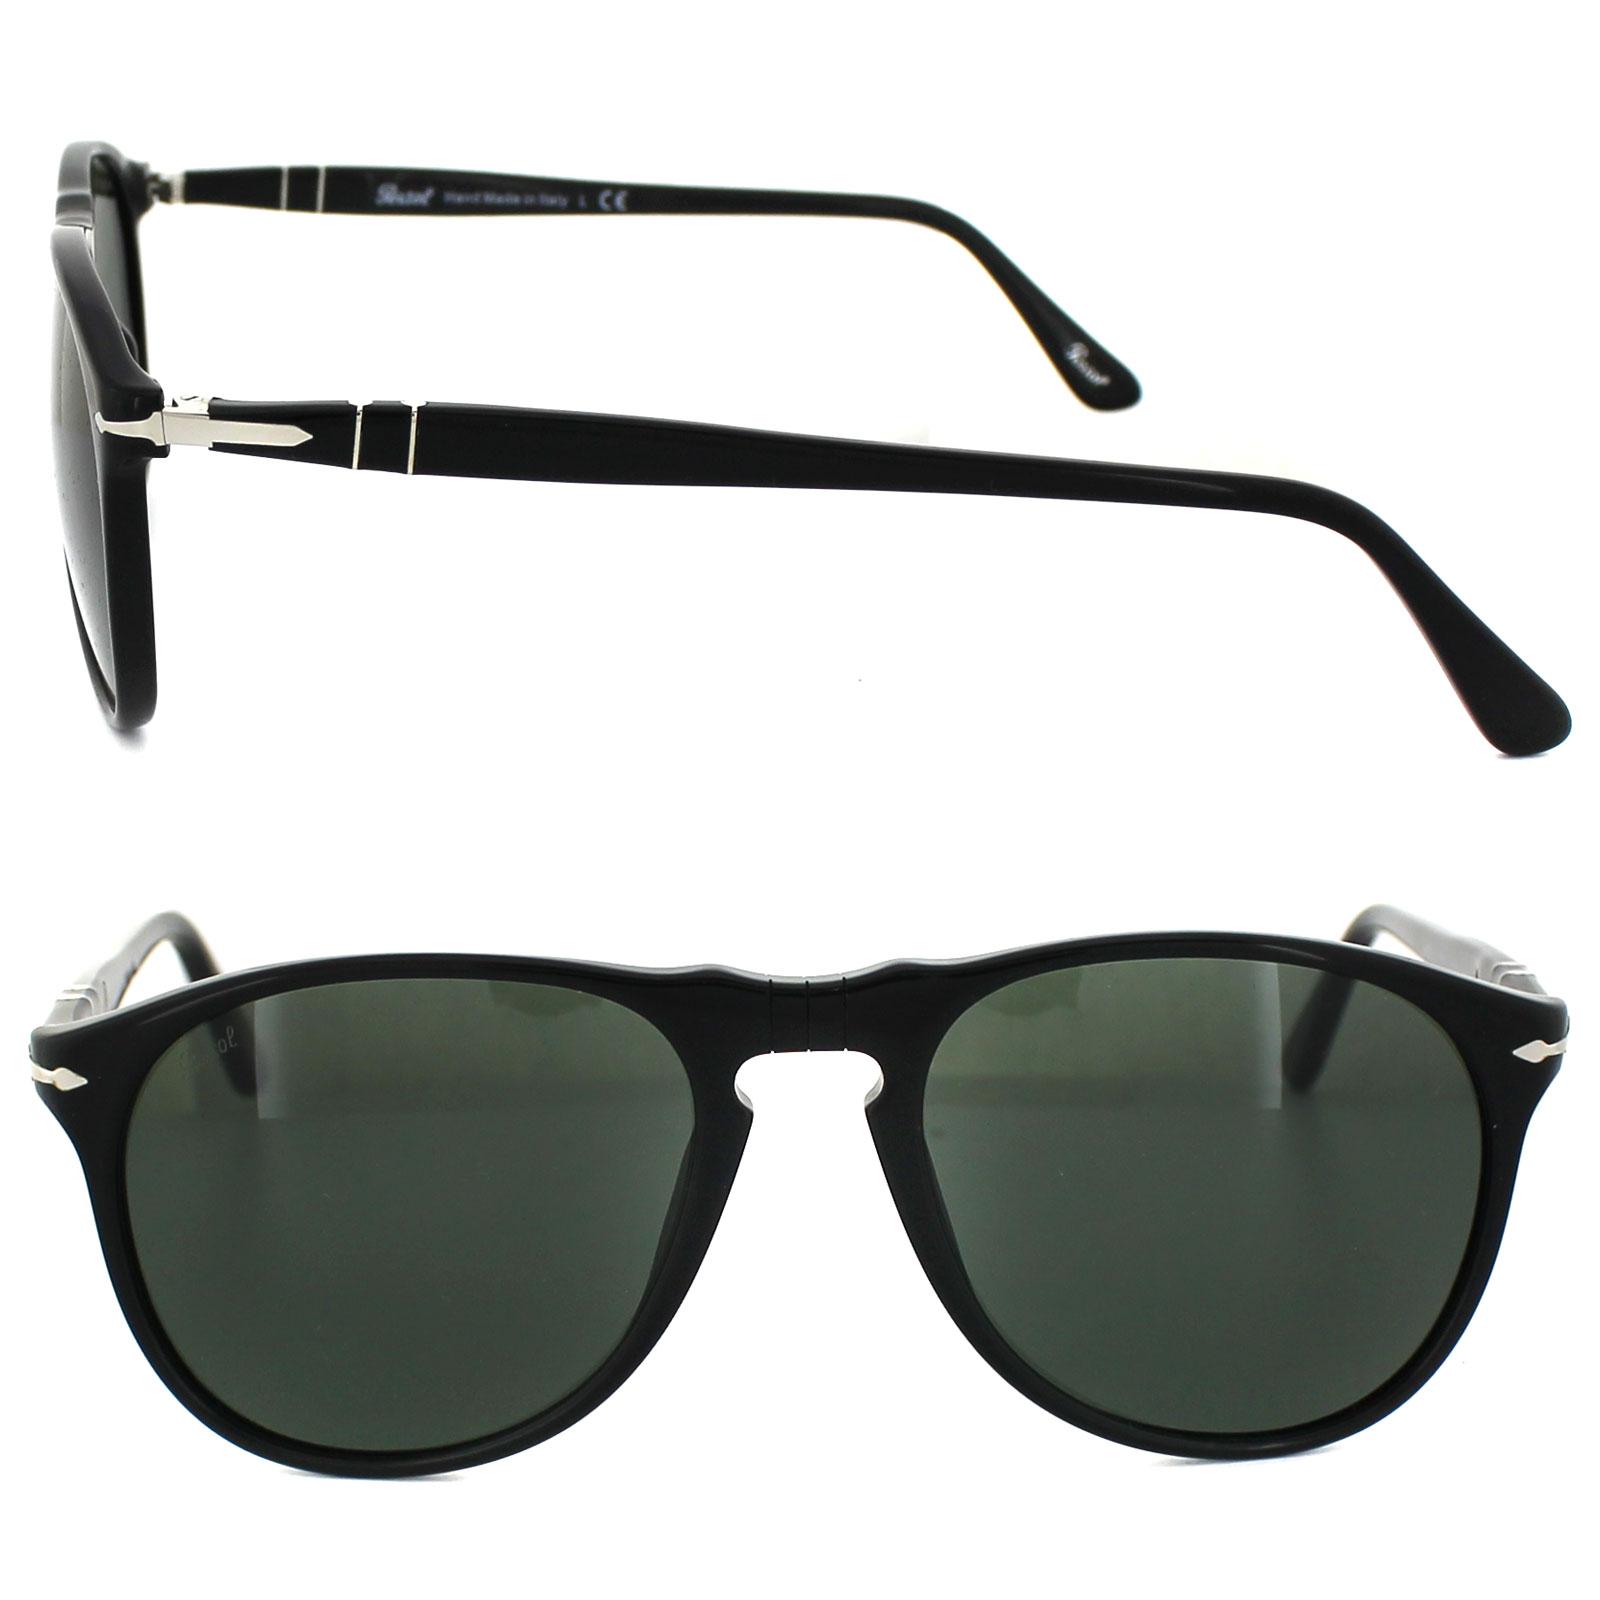 9ec4ddbeaa Persol 9649 Sunglasses Thumbnail 1 Persol 9649 Sunglasses Thumbnail 2 ...